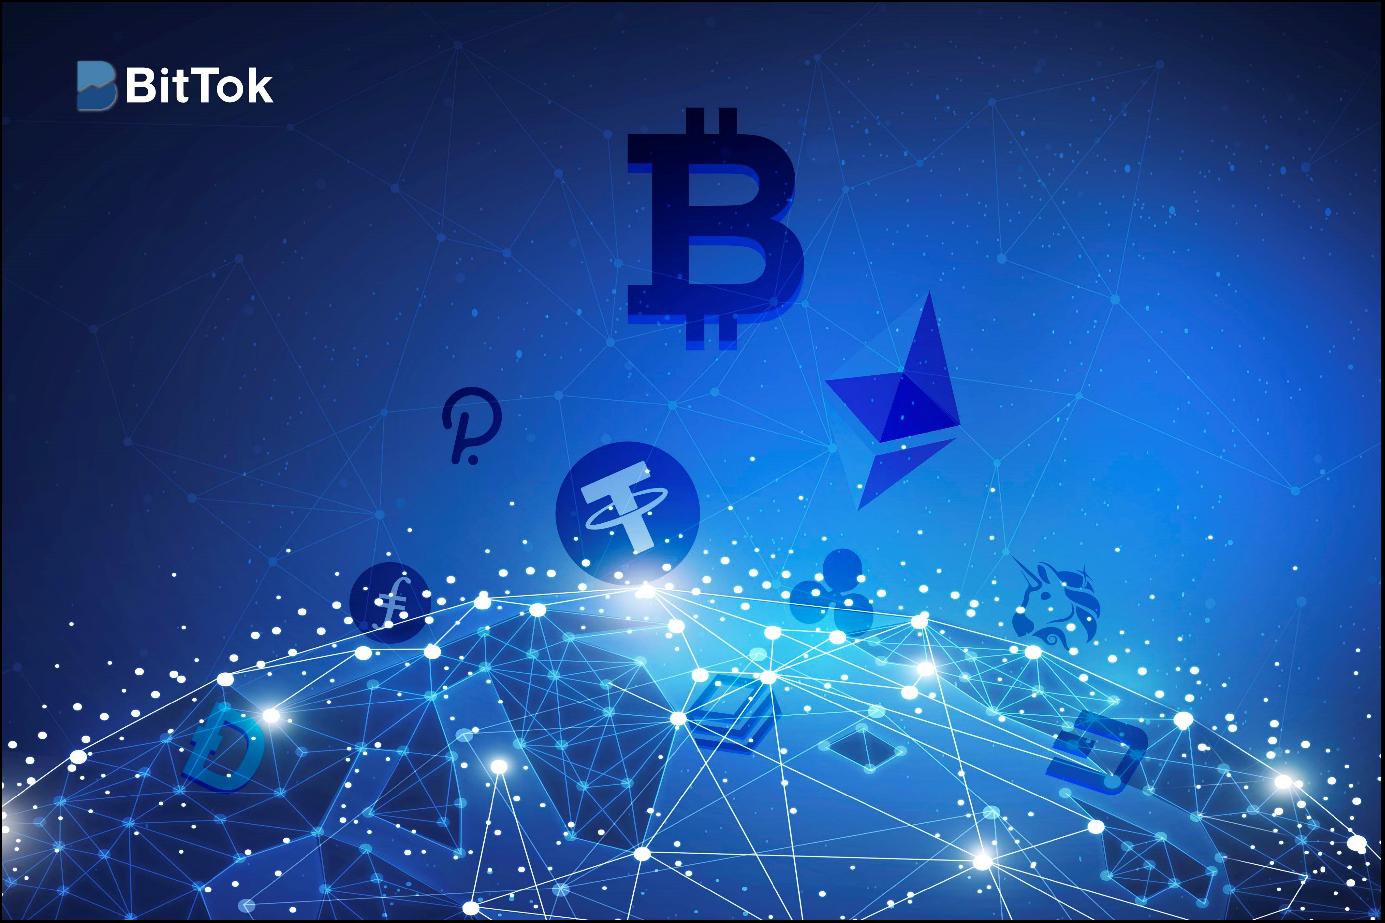 BitTok币拓交易所有哪些底层技术保障优势?